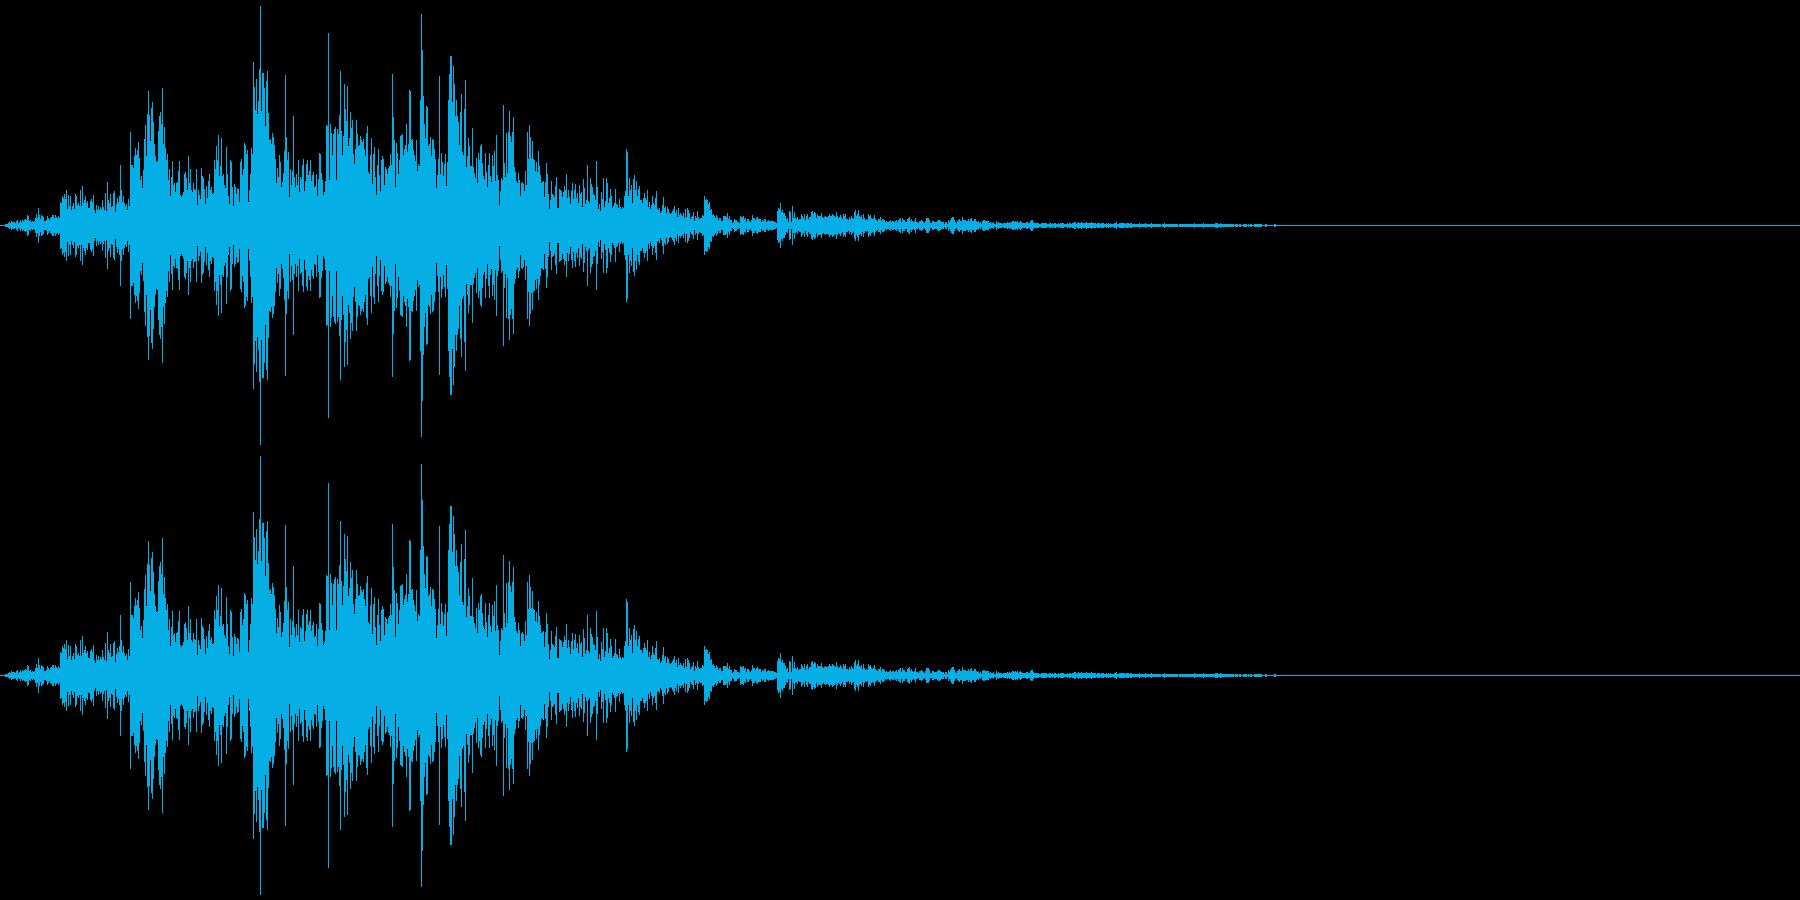 鎖を動かす音14【短い】の再生済みの波形